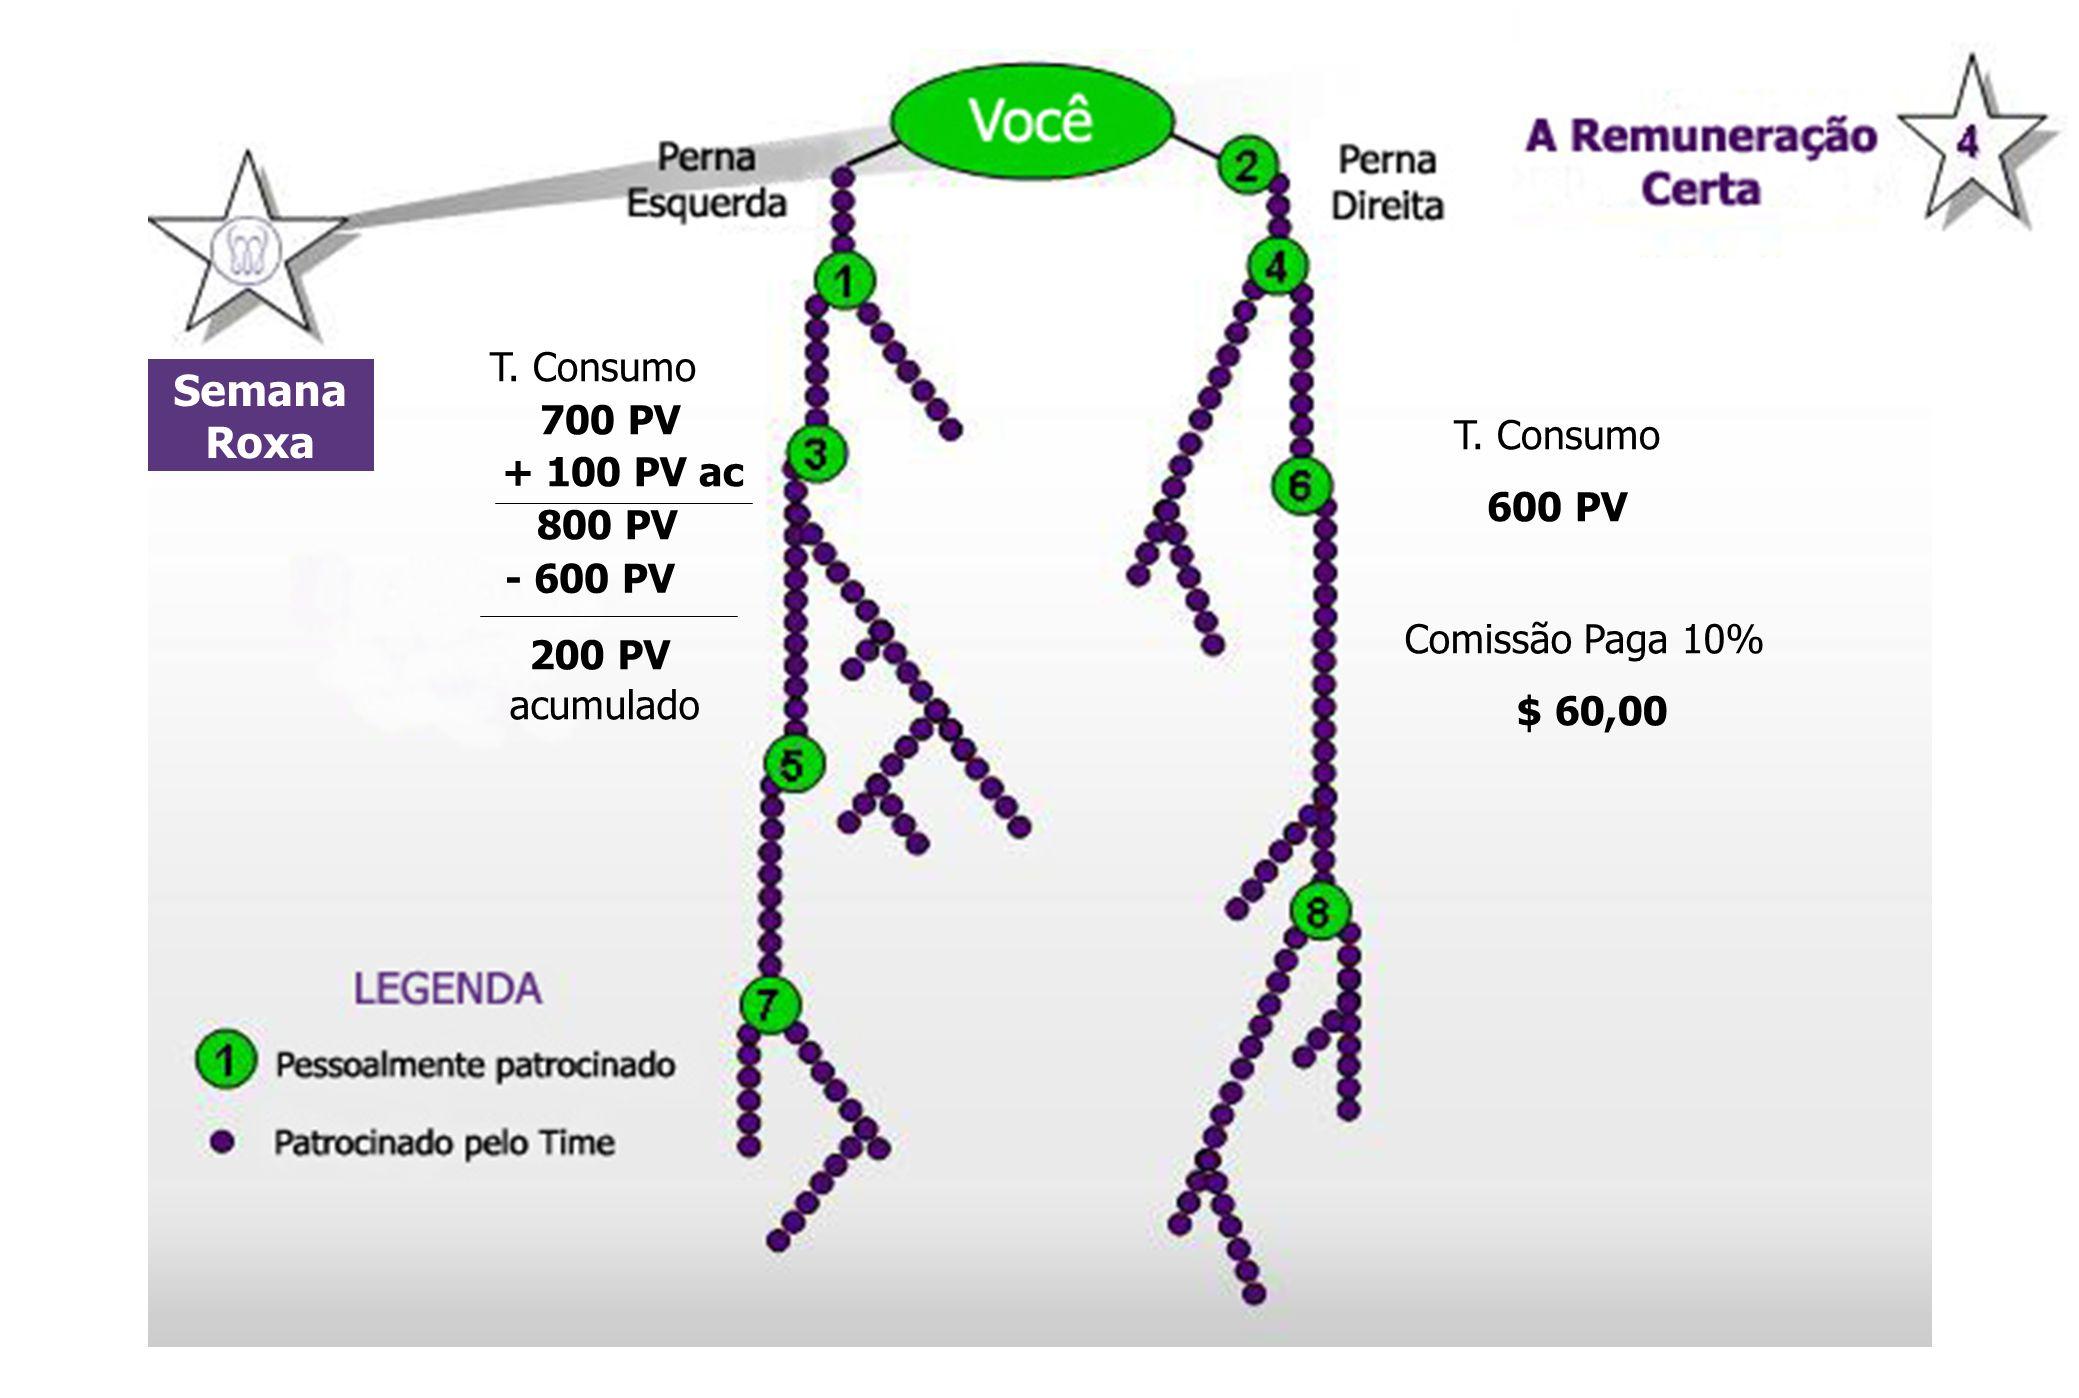 Semana Roxa T. Consumo 700 PV + 100 PV ac 800 PV T. Consumo 600 PV Comissão Paga 10% $ 60,00 - 600 PV 200 PV acumulado